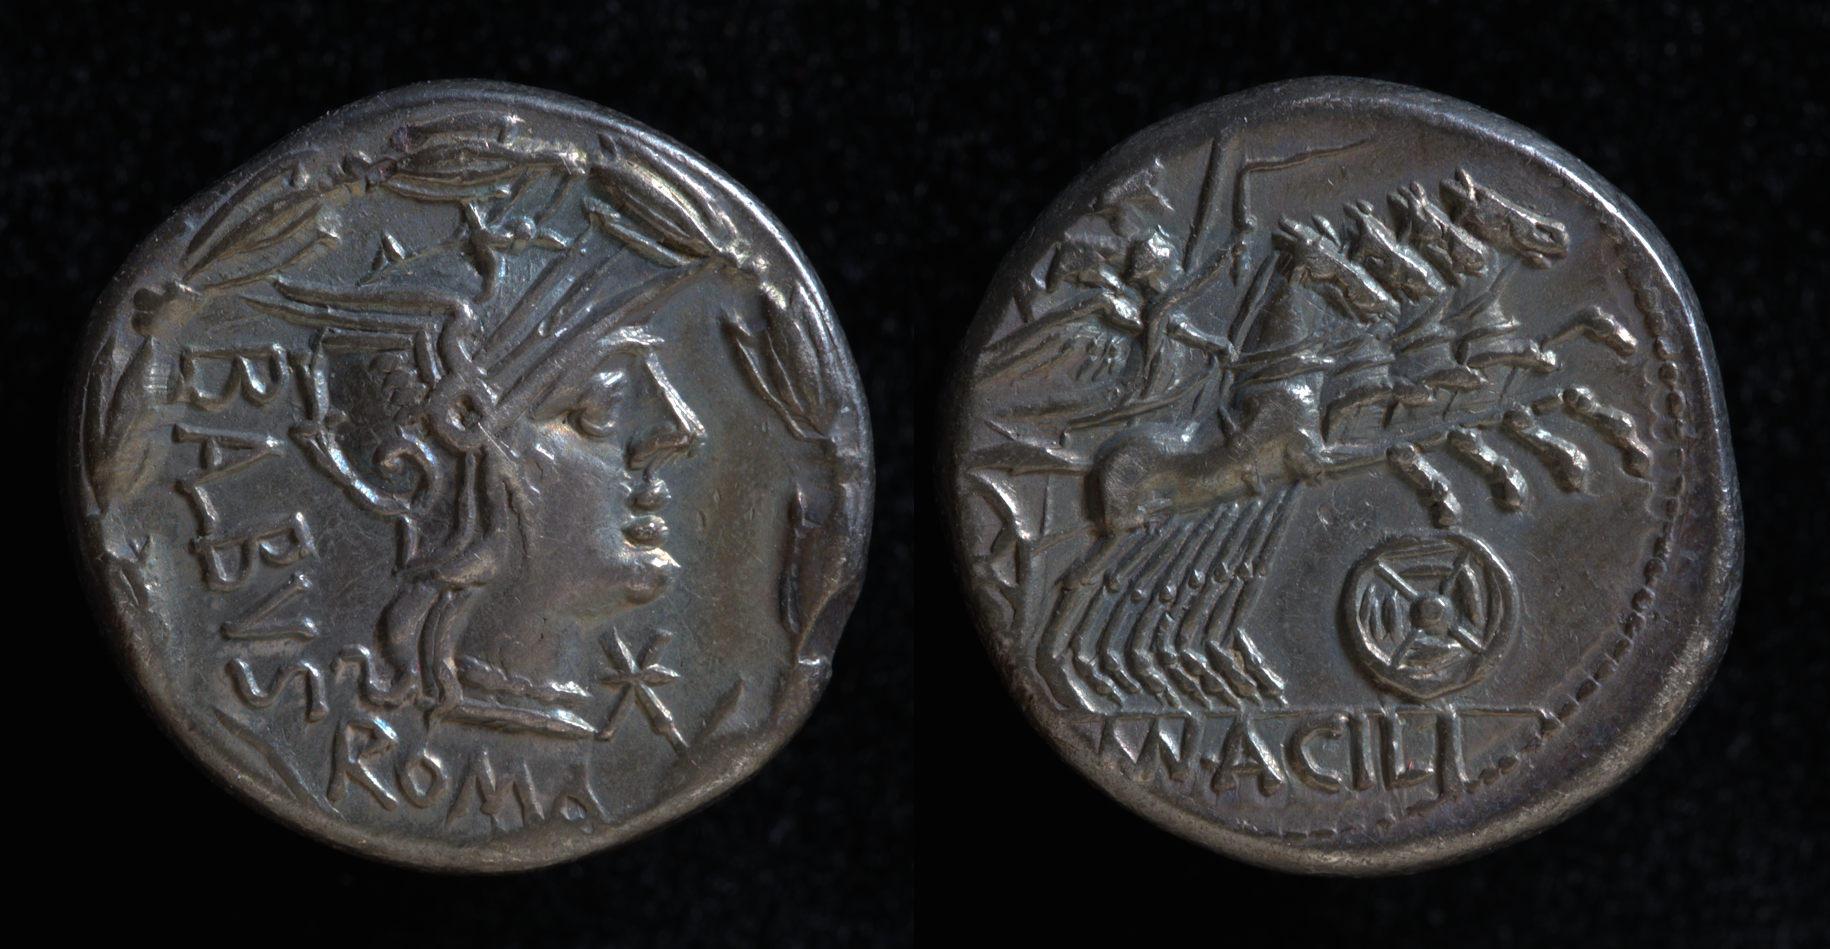 Mn Acilius Balbus, 125 BC, C. 271/1